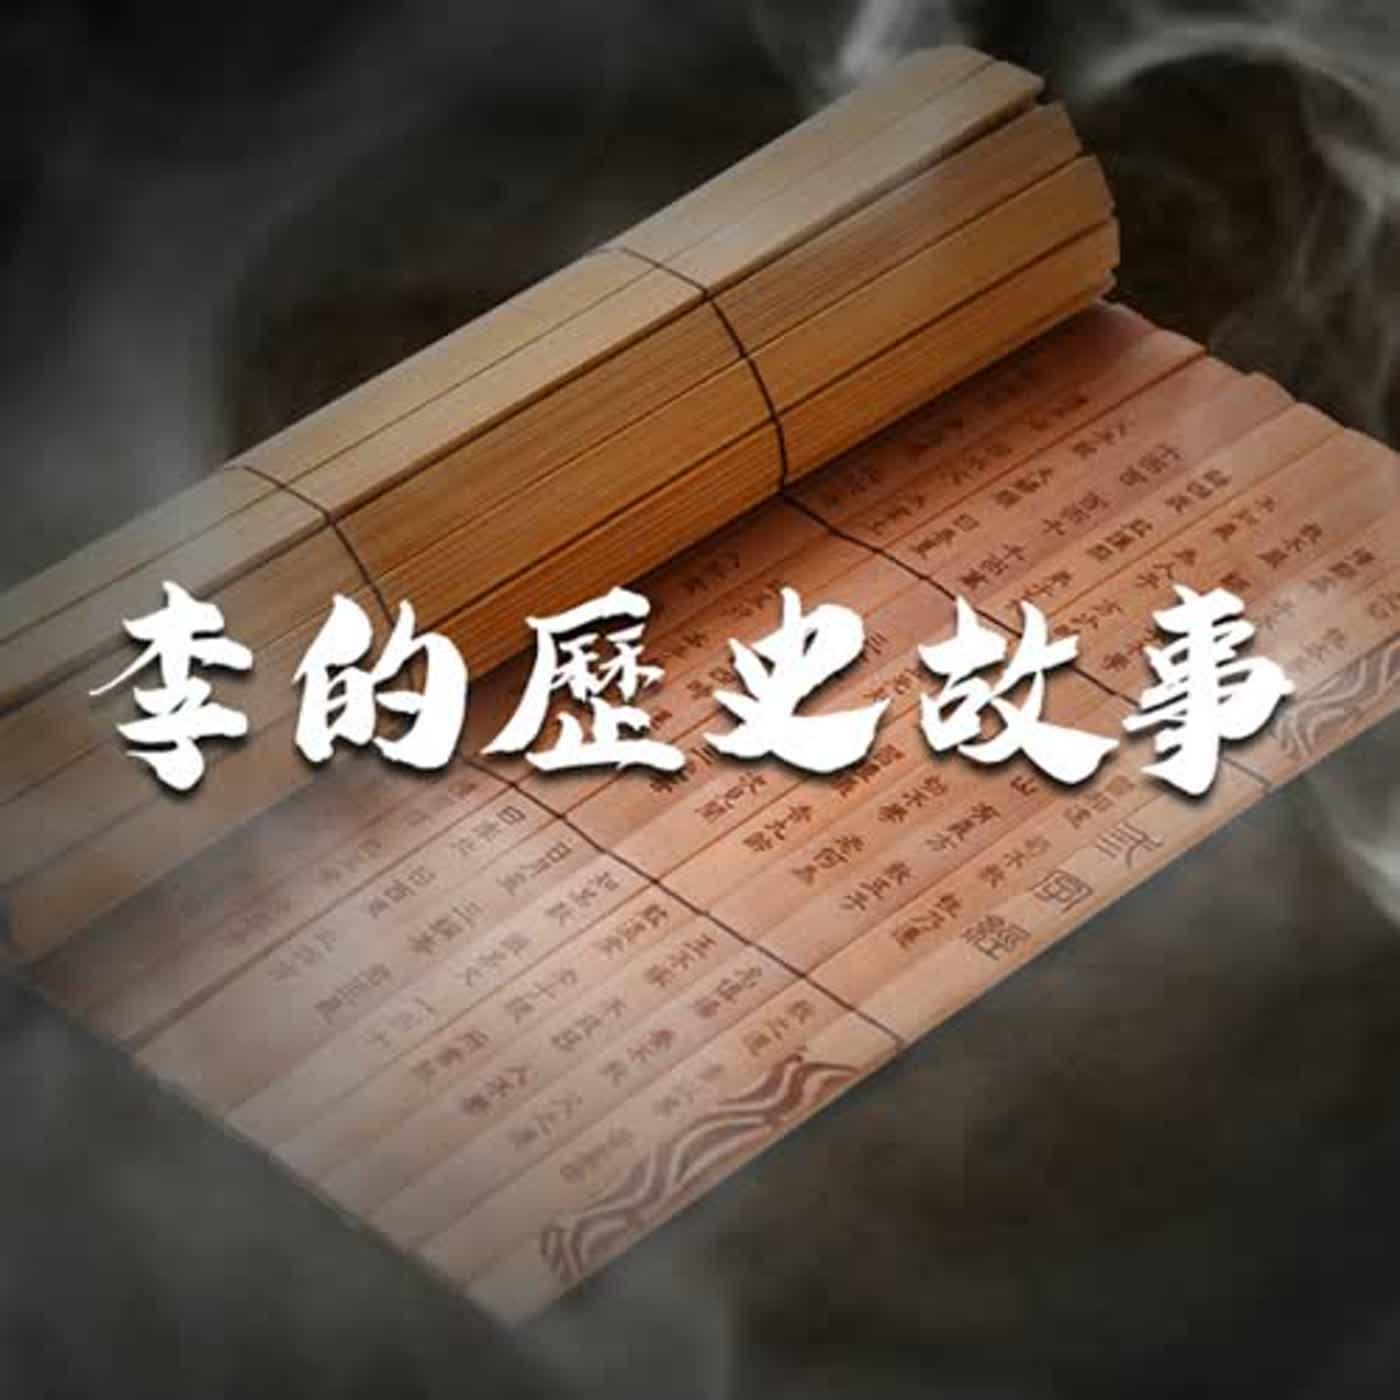 EP43 天啊!棉花的盛行,原來都始於明朝朱元璋的大力推廣啊!